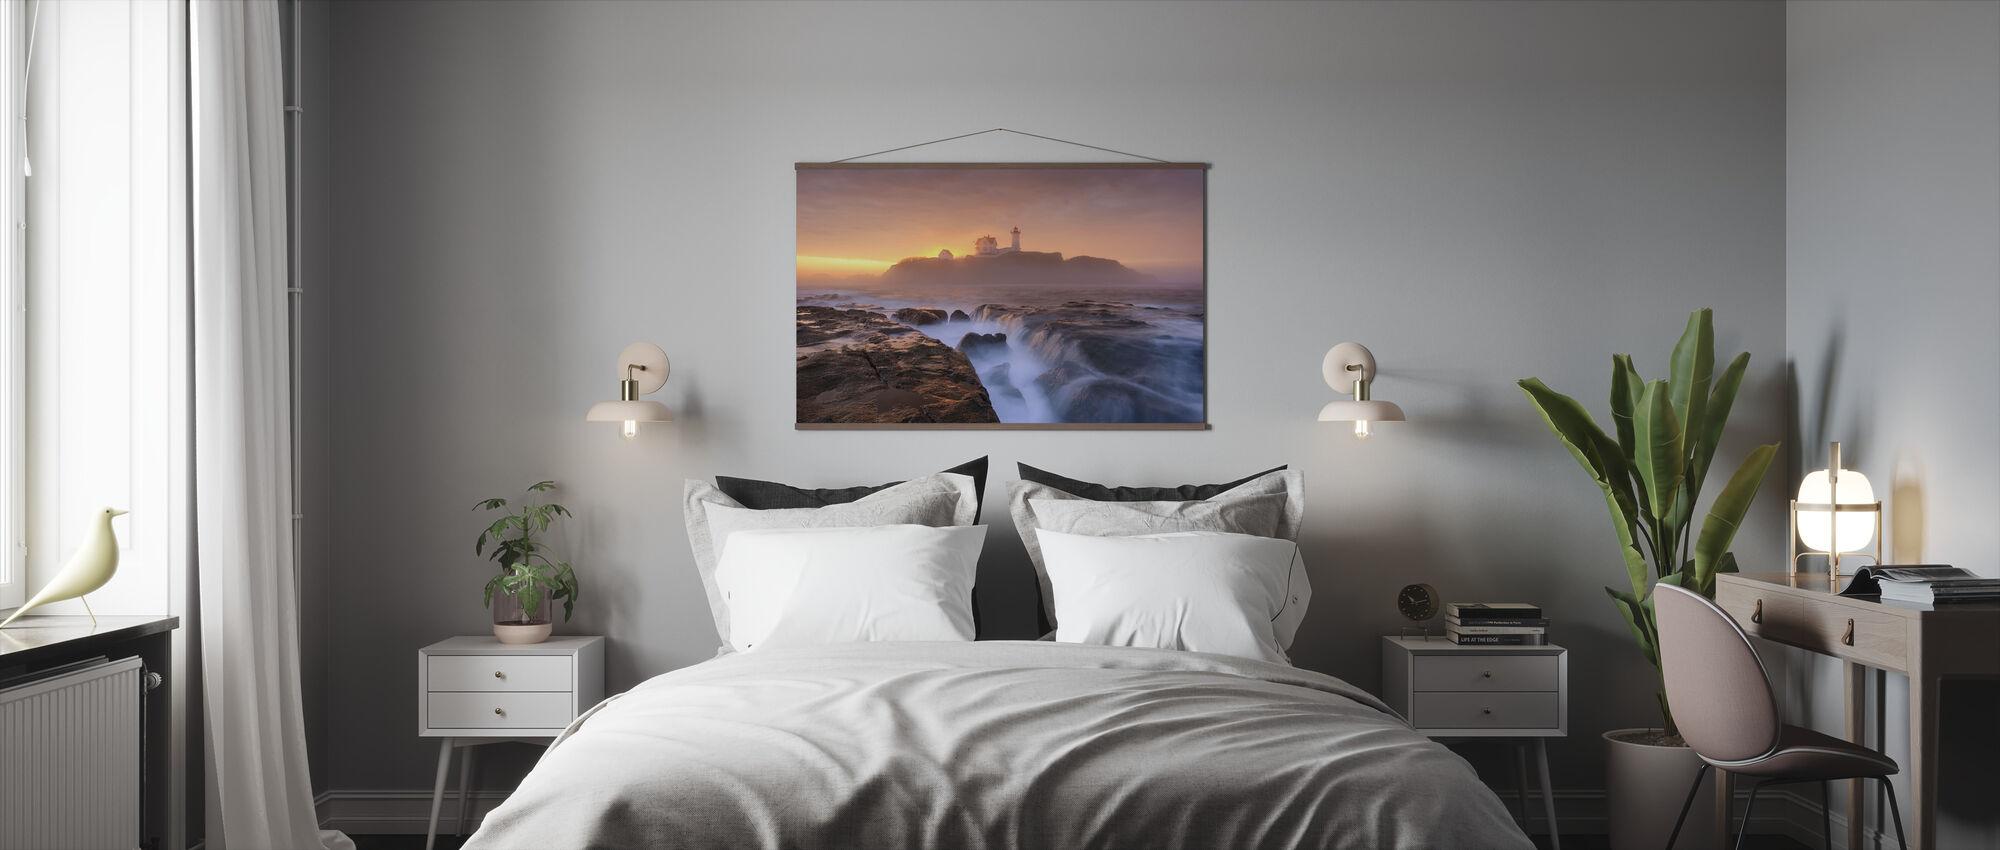 Fog over Tide - Poster - Bedroom